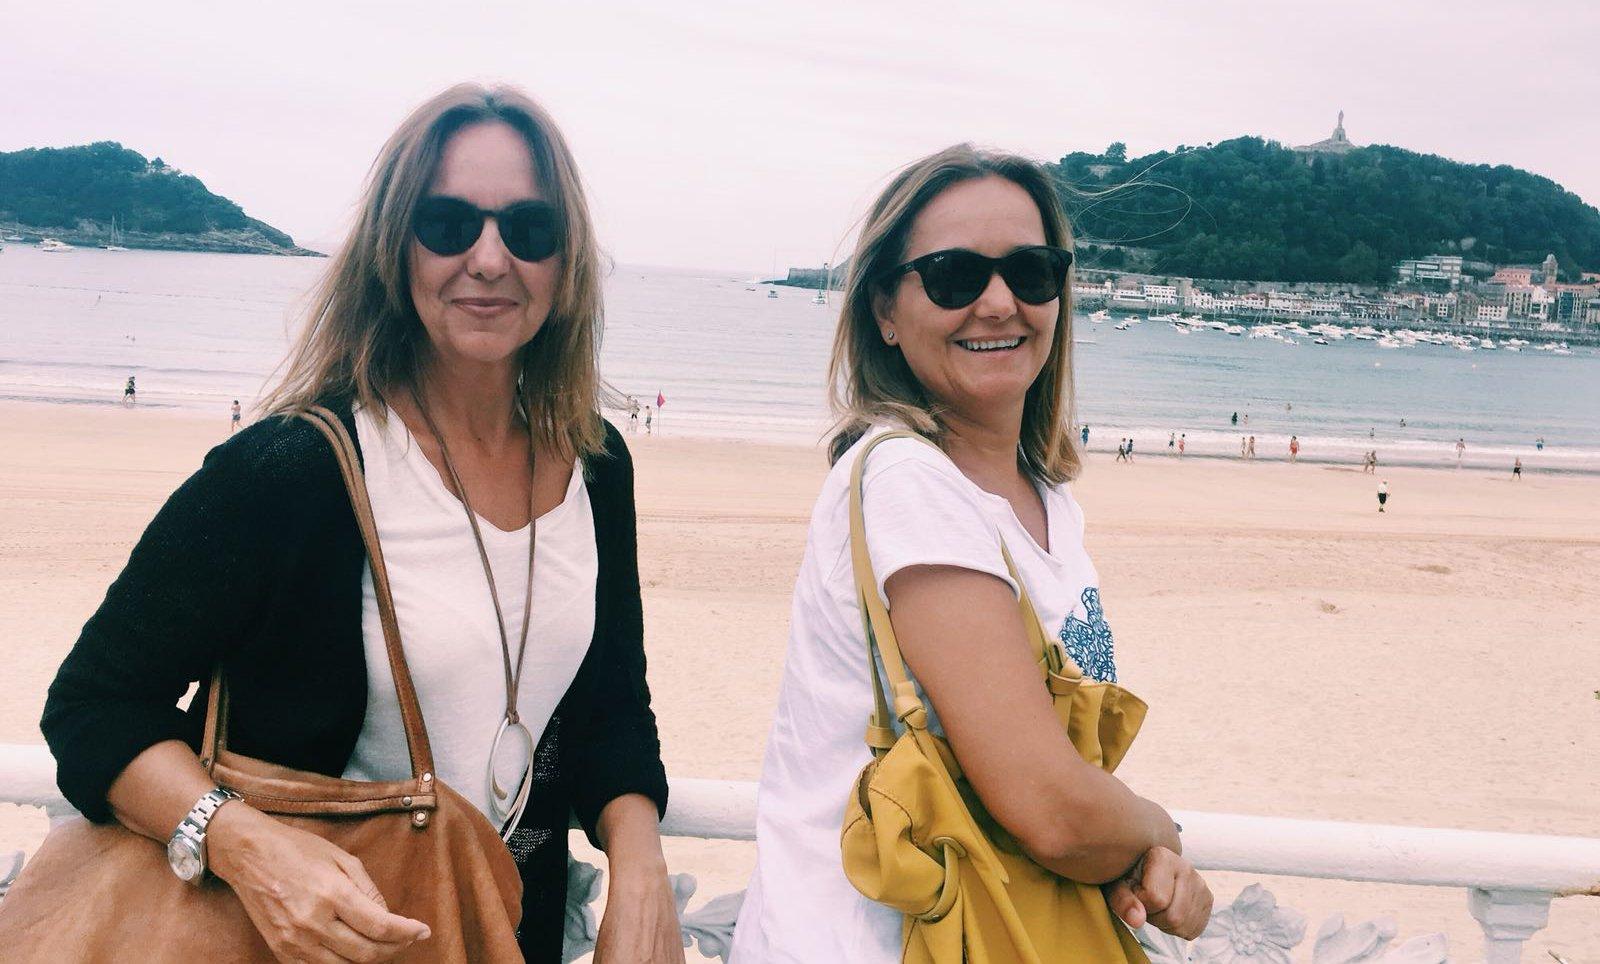 María Dueñas con una amiga en la playa de la Concha de Donosti.